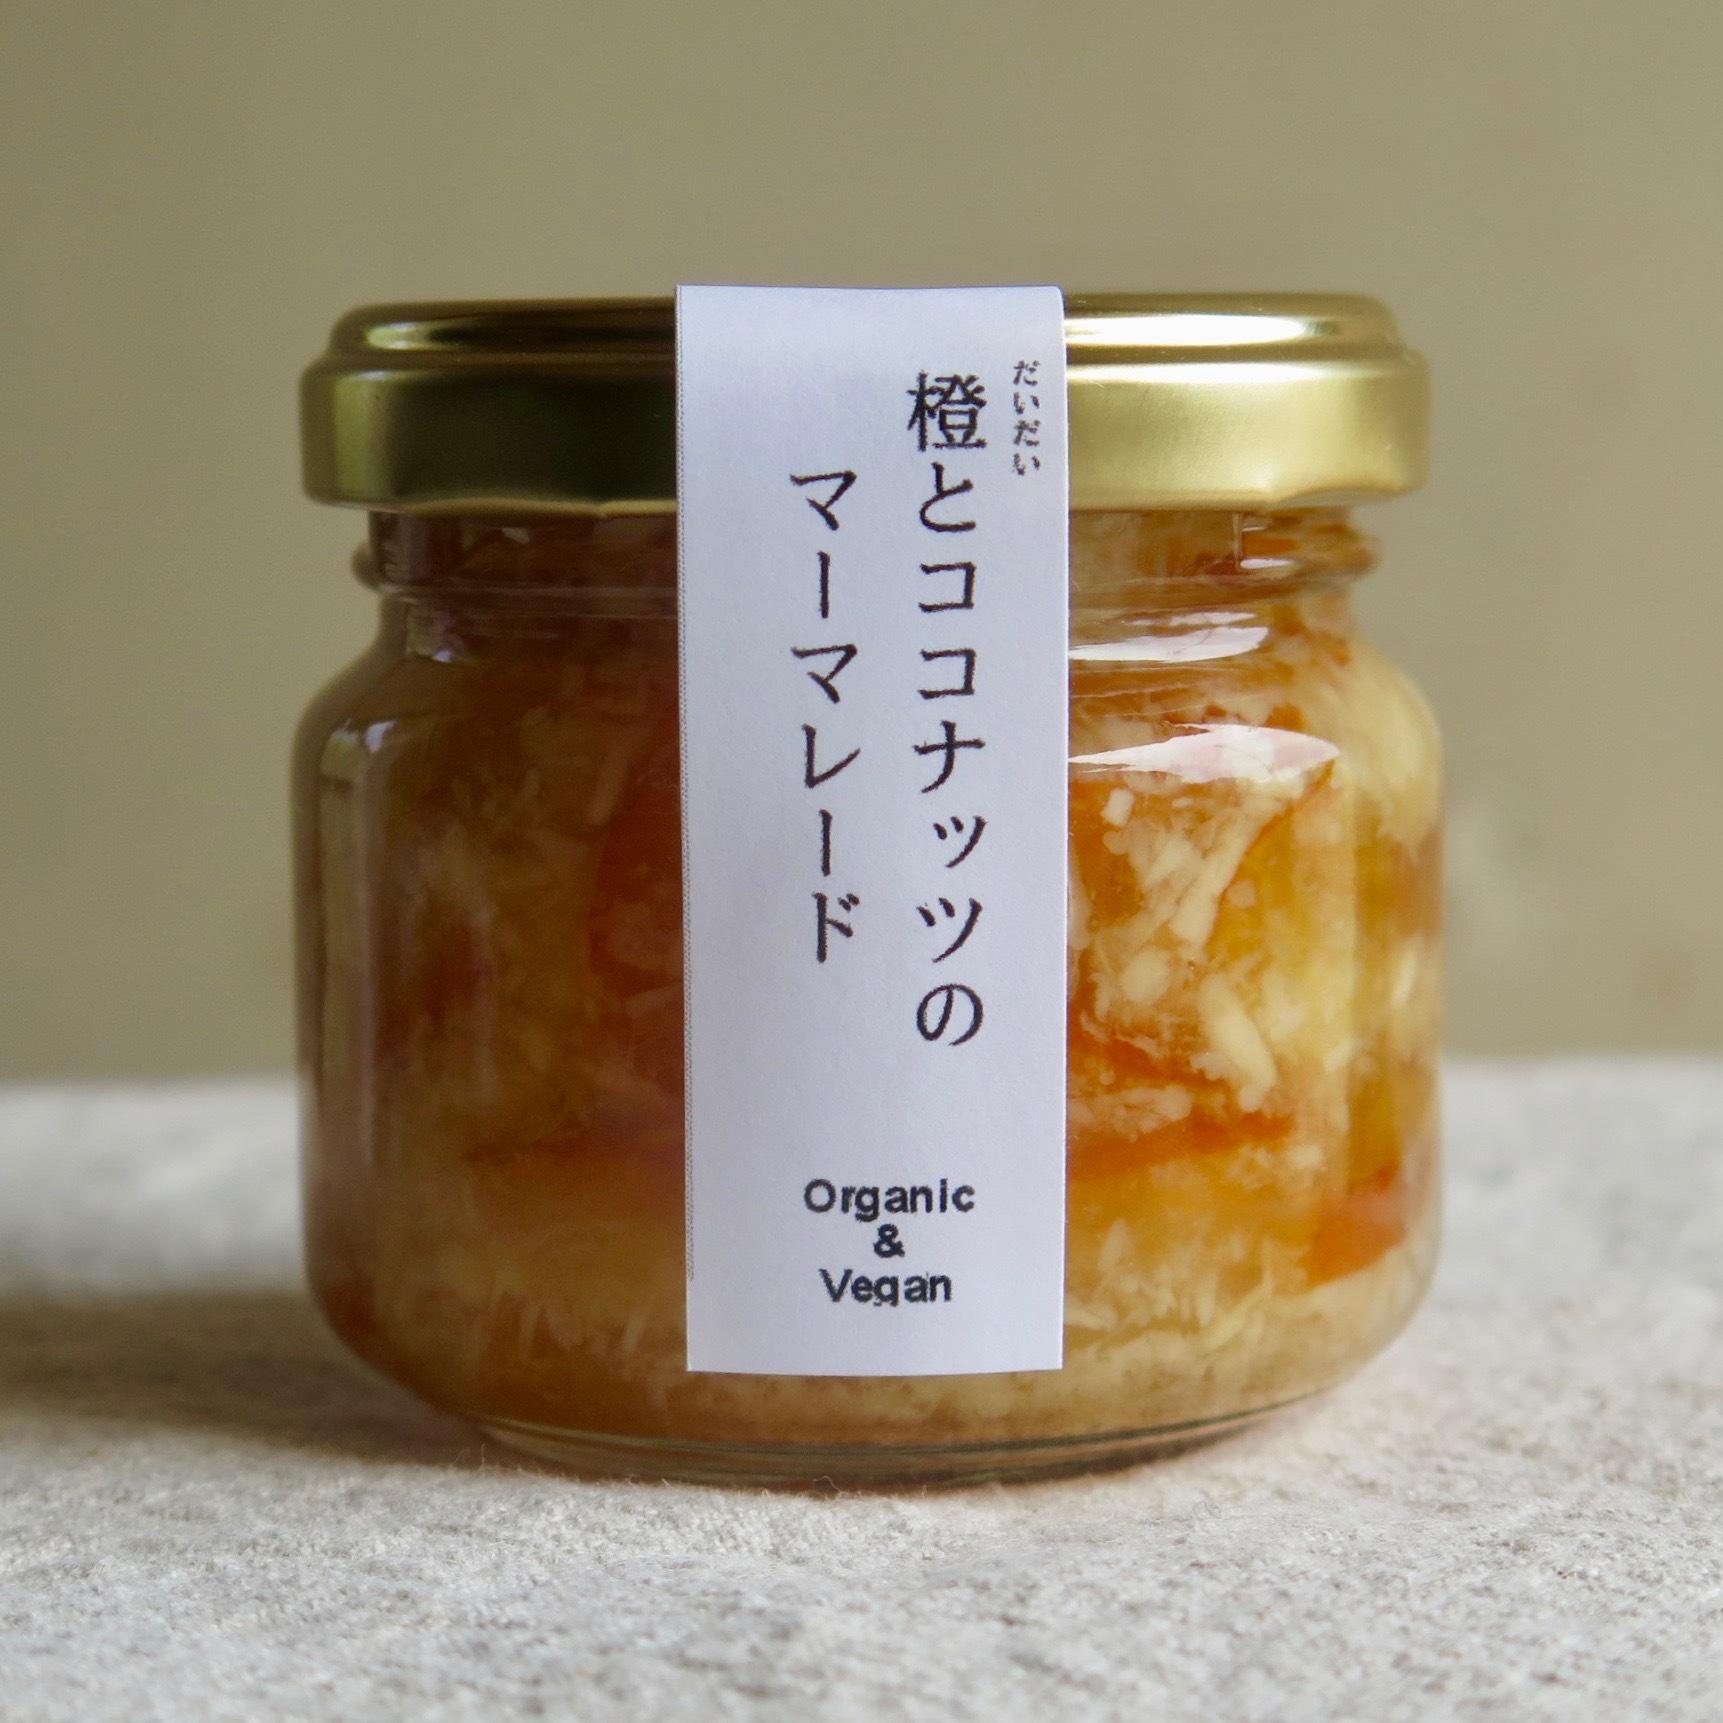 橙とココナッツのマーマレード - 画像1